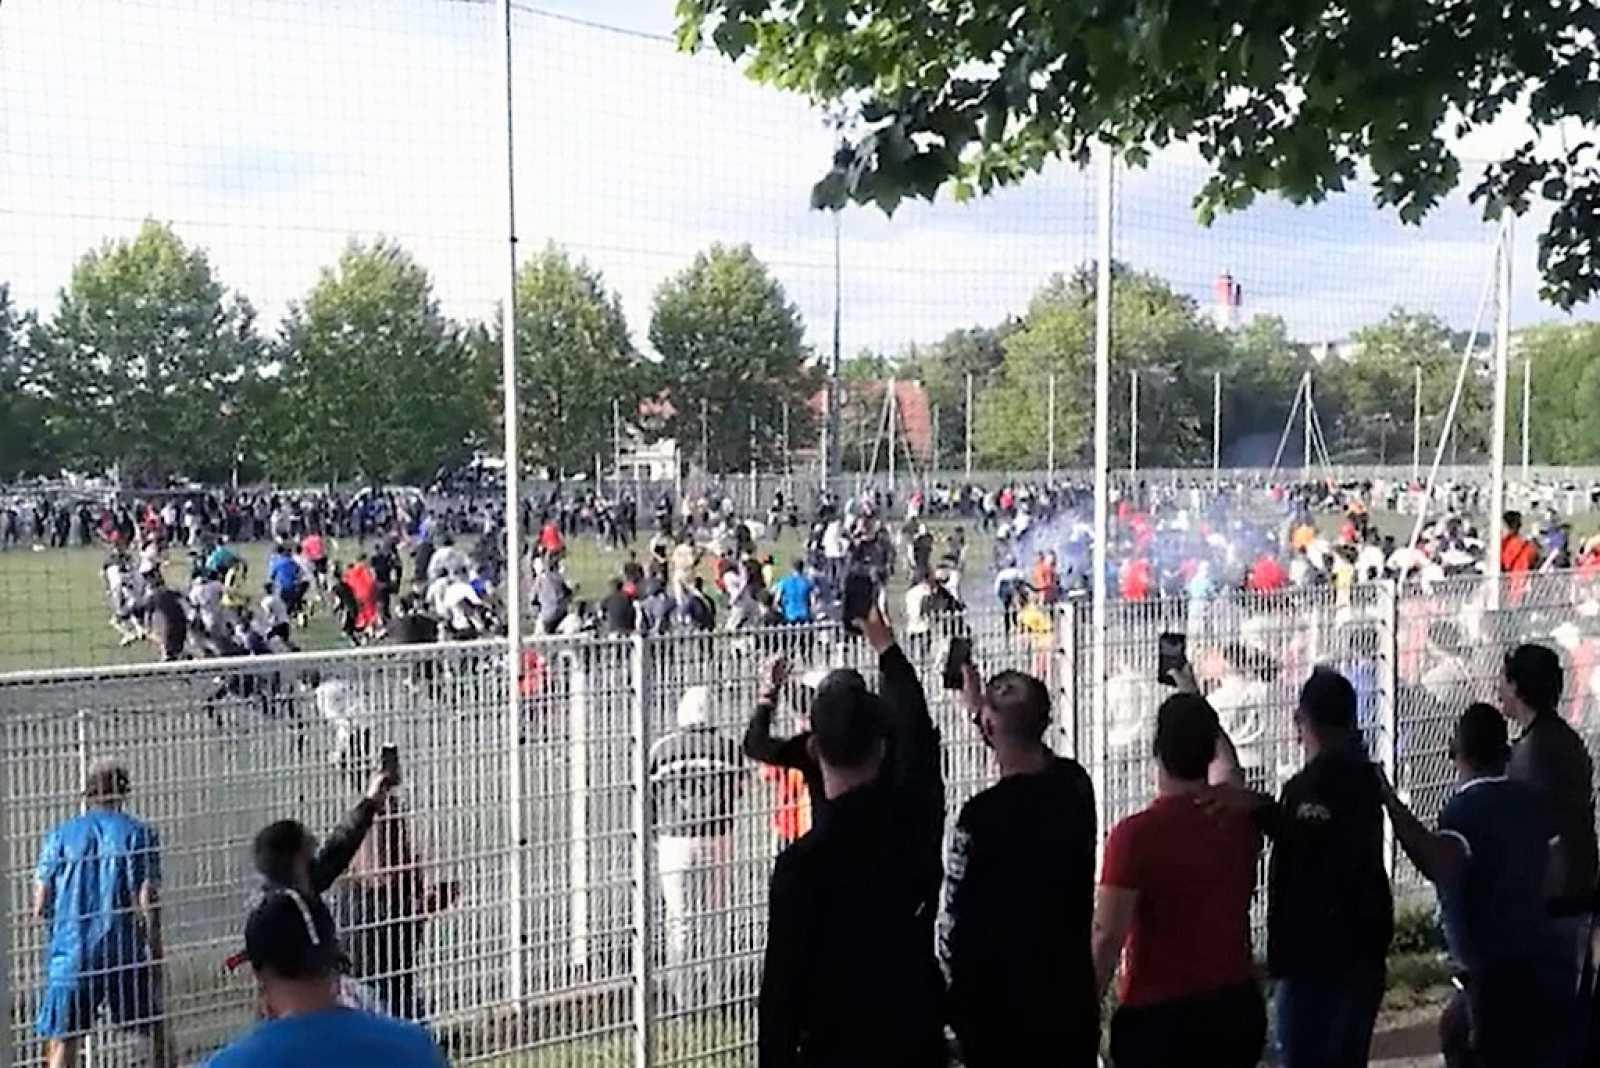 Casi 400 personas acuden a presenciar un partido de fútbol en Estrasburgo (Francia) saltándose la cuarentena.